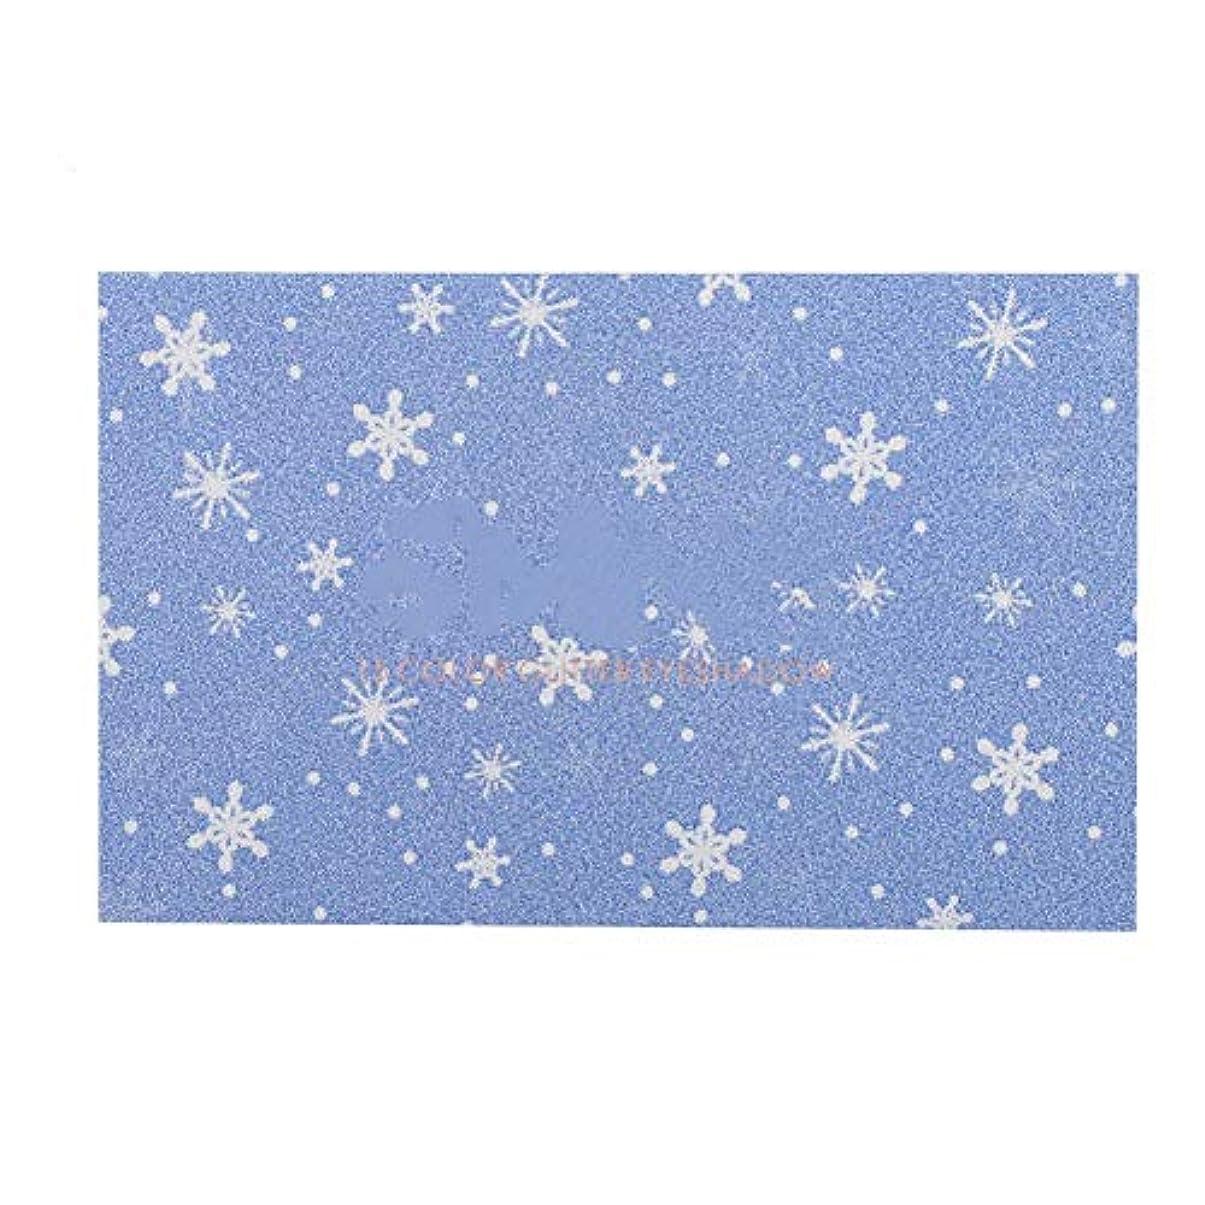 カナダ中央値テープ15色真珠光沢アイシャドウパレット防水化粧アイシャドウパウダー化粧品(GG15-4)